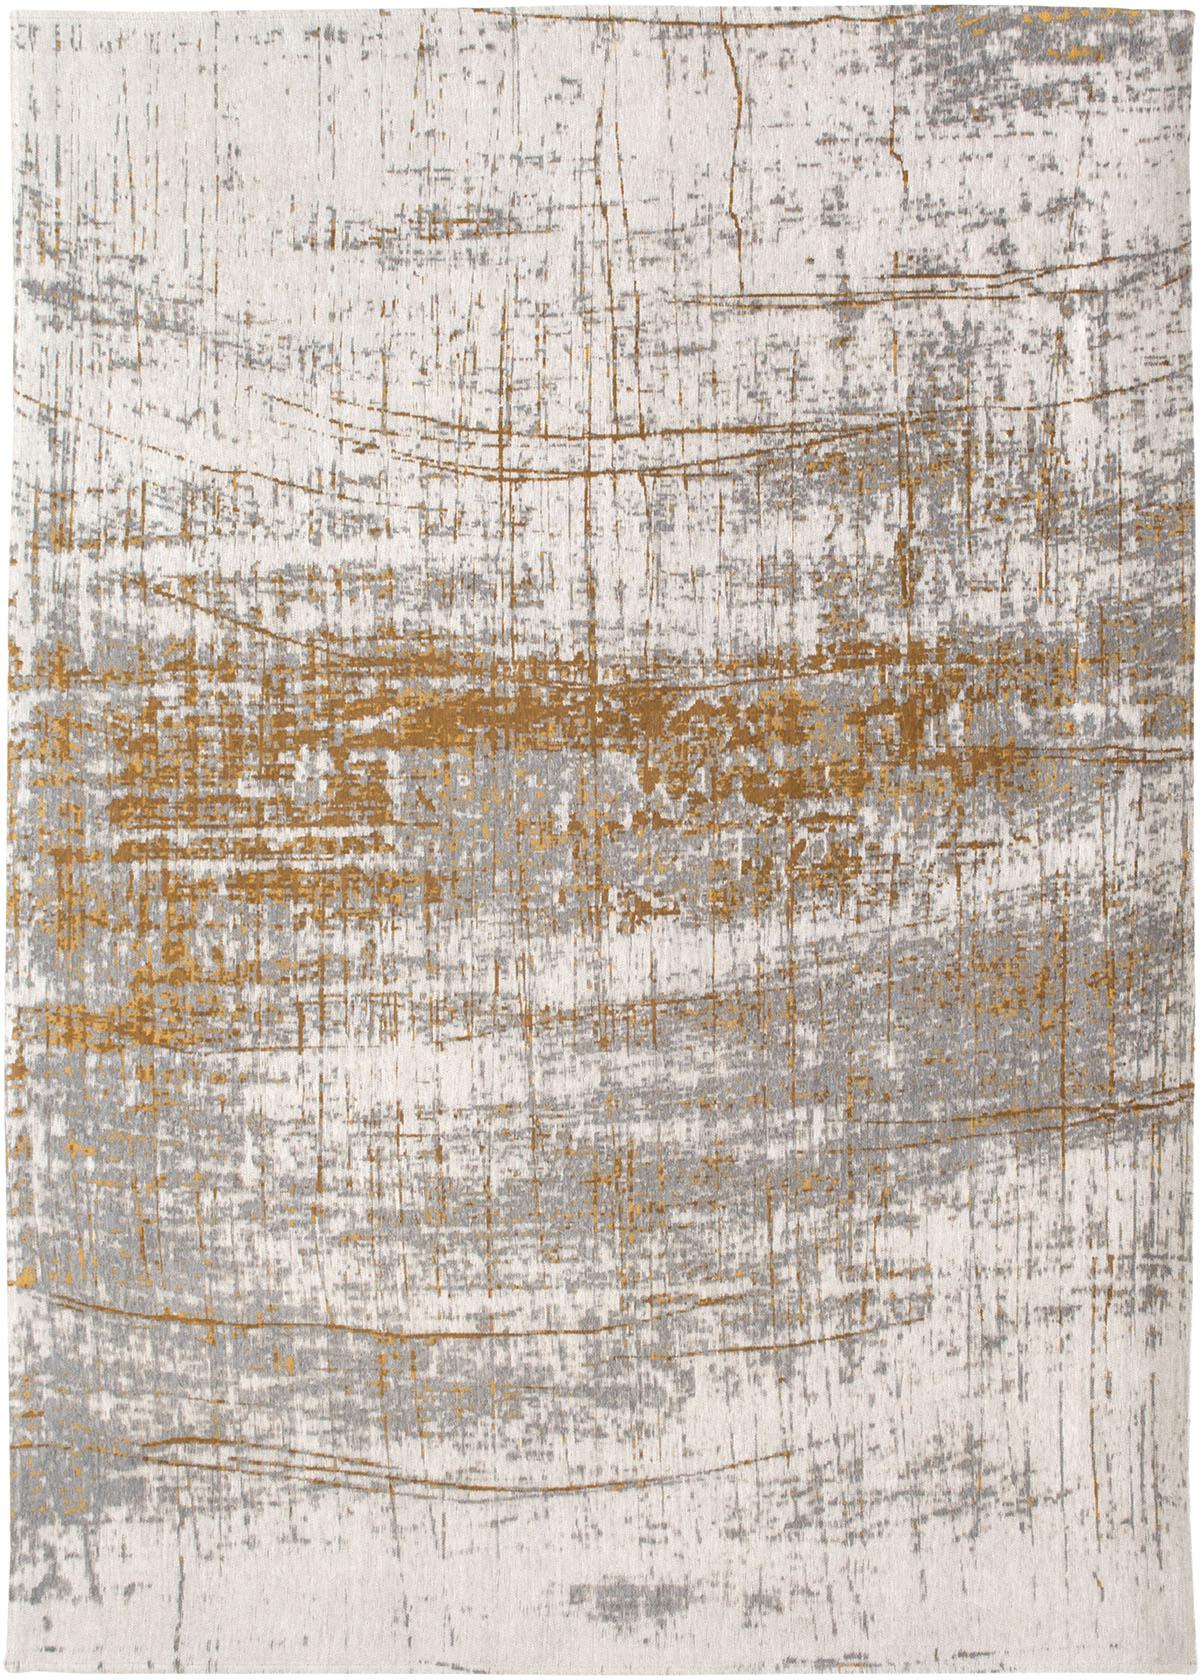 Złoto Beżowy Dywan Nowoczesny - COLUMBUS GOLD 8419 - Rozmiar: 140x200 cm